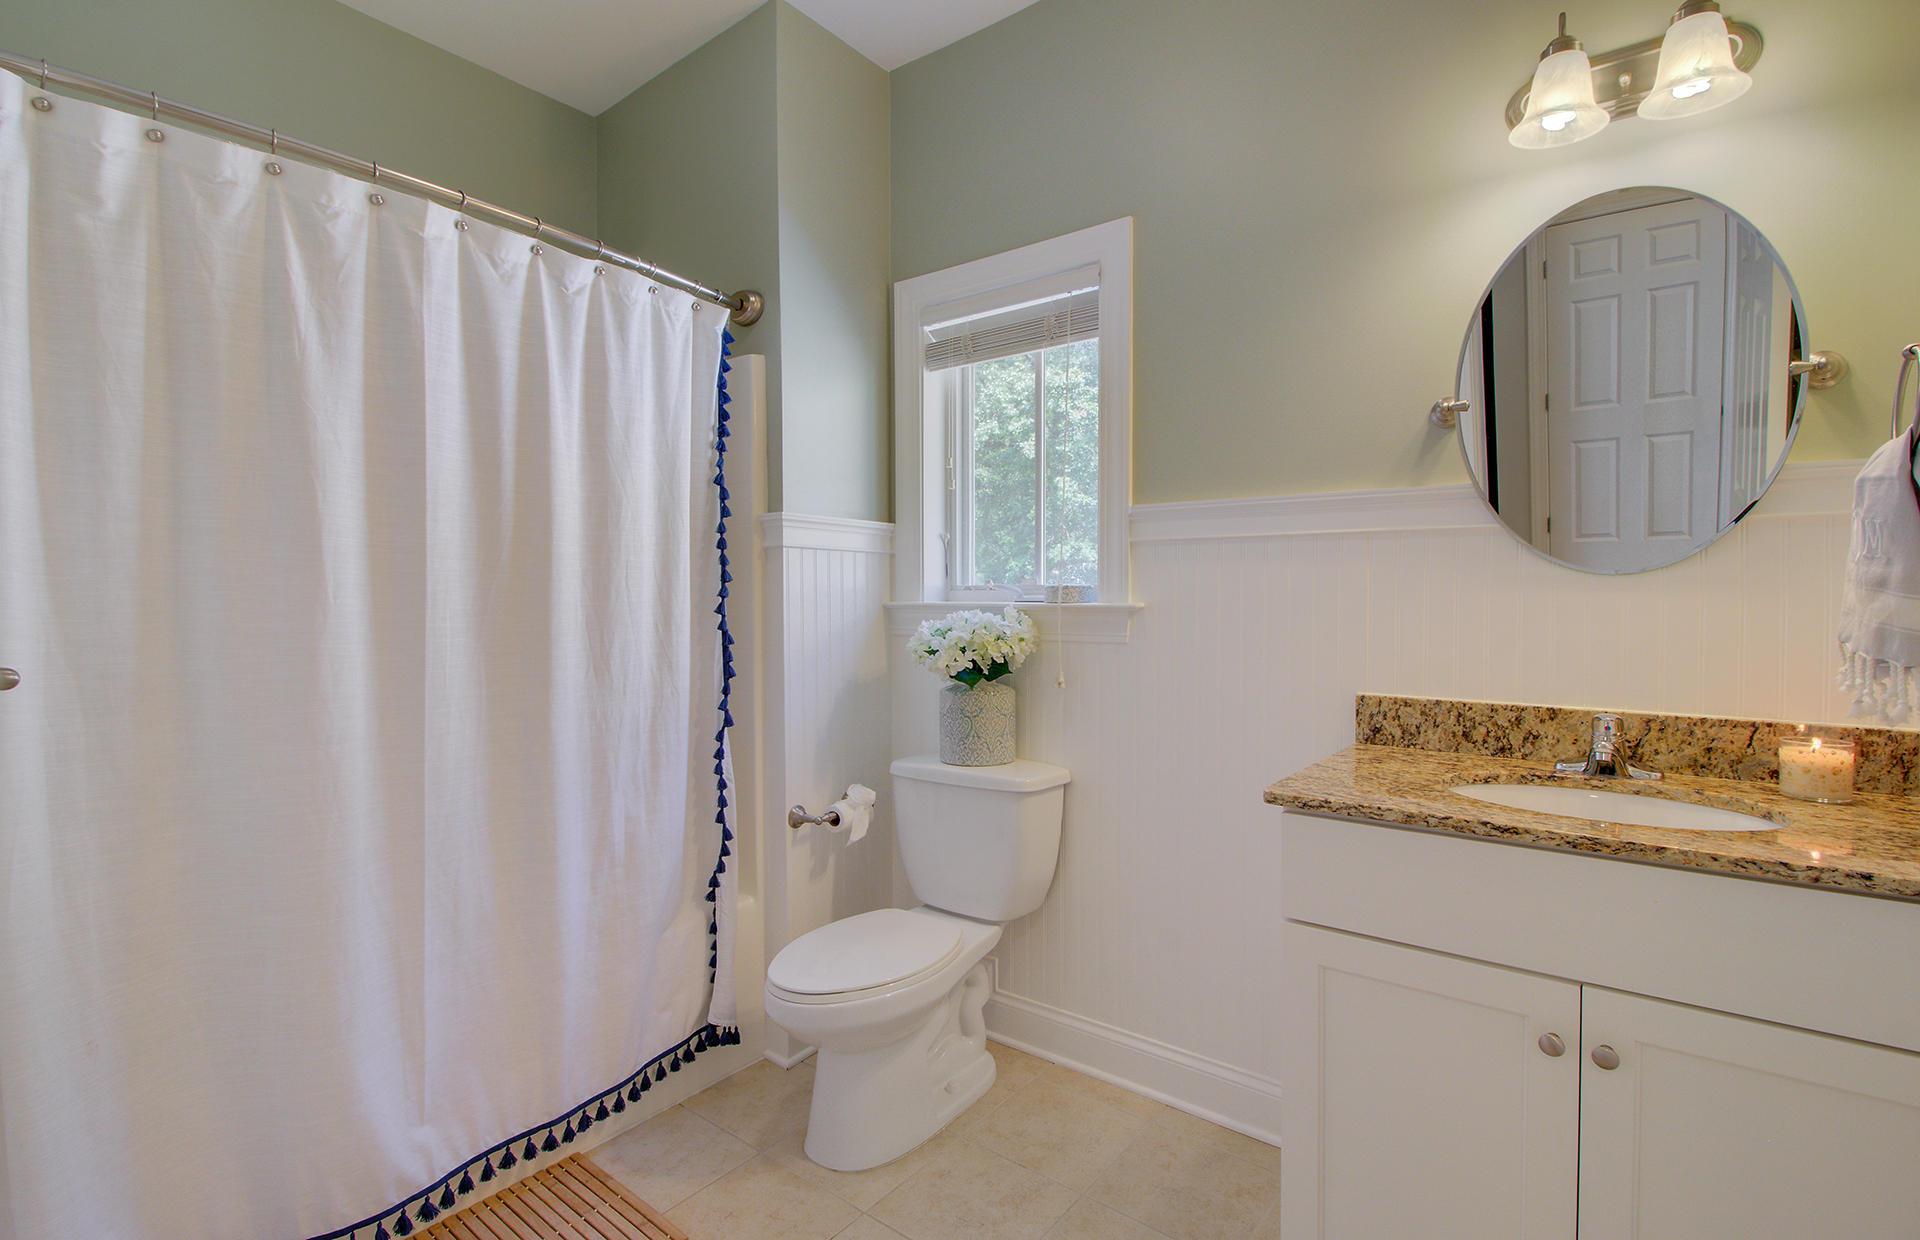 Phillips Park Homes For Sale - 1129 Phillips Park, Mount Pleasant, SC - 35